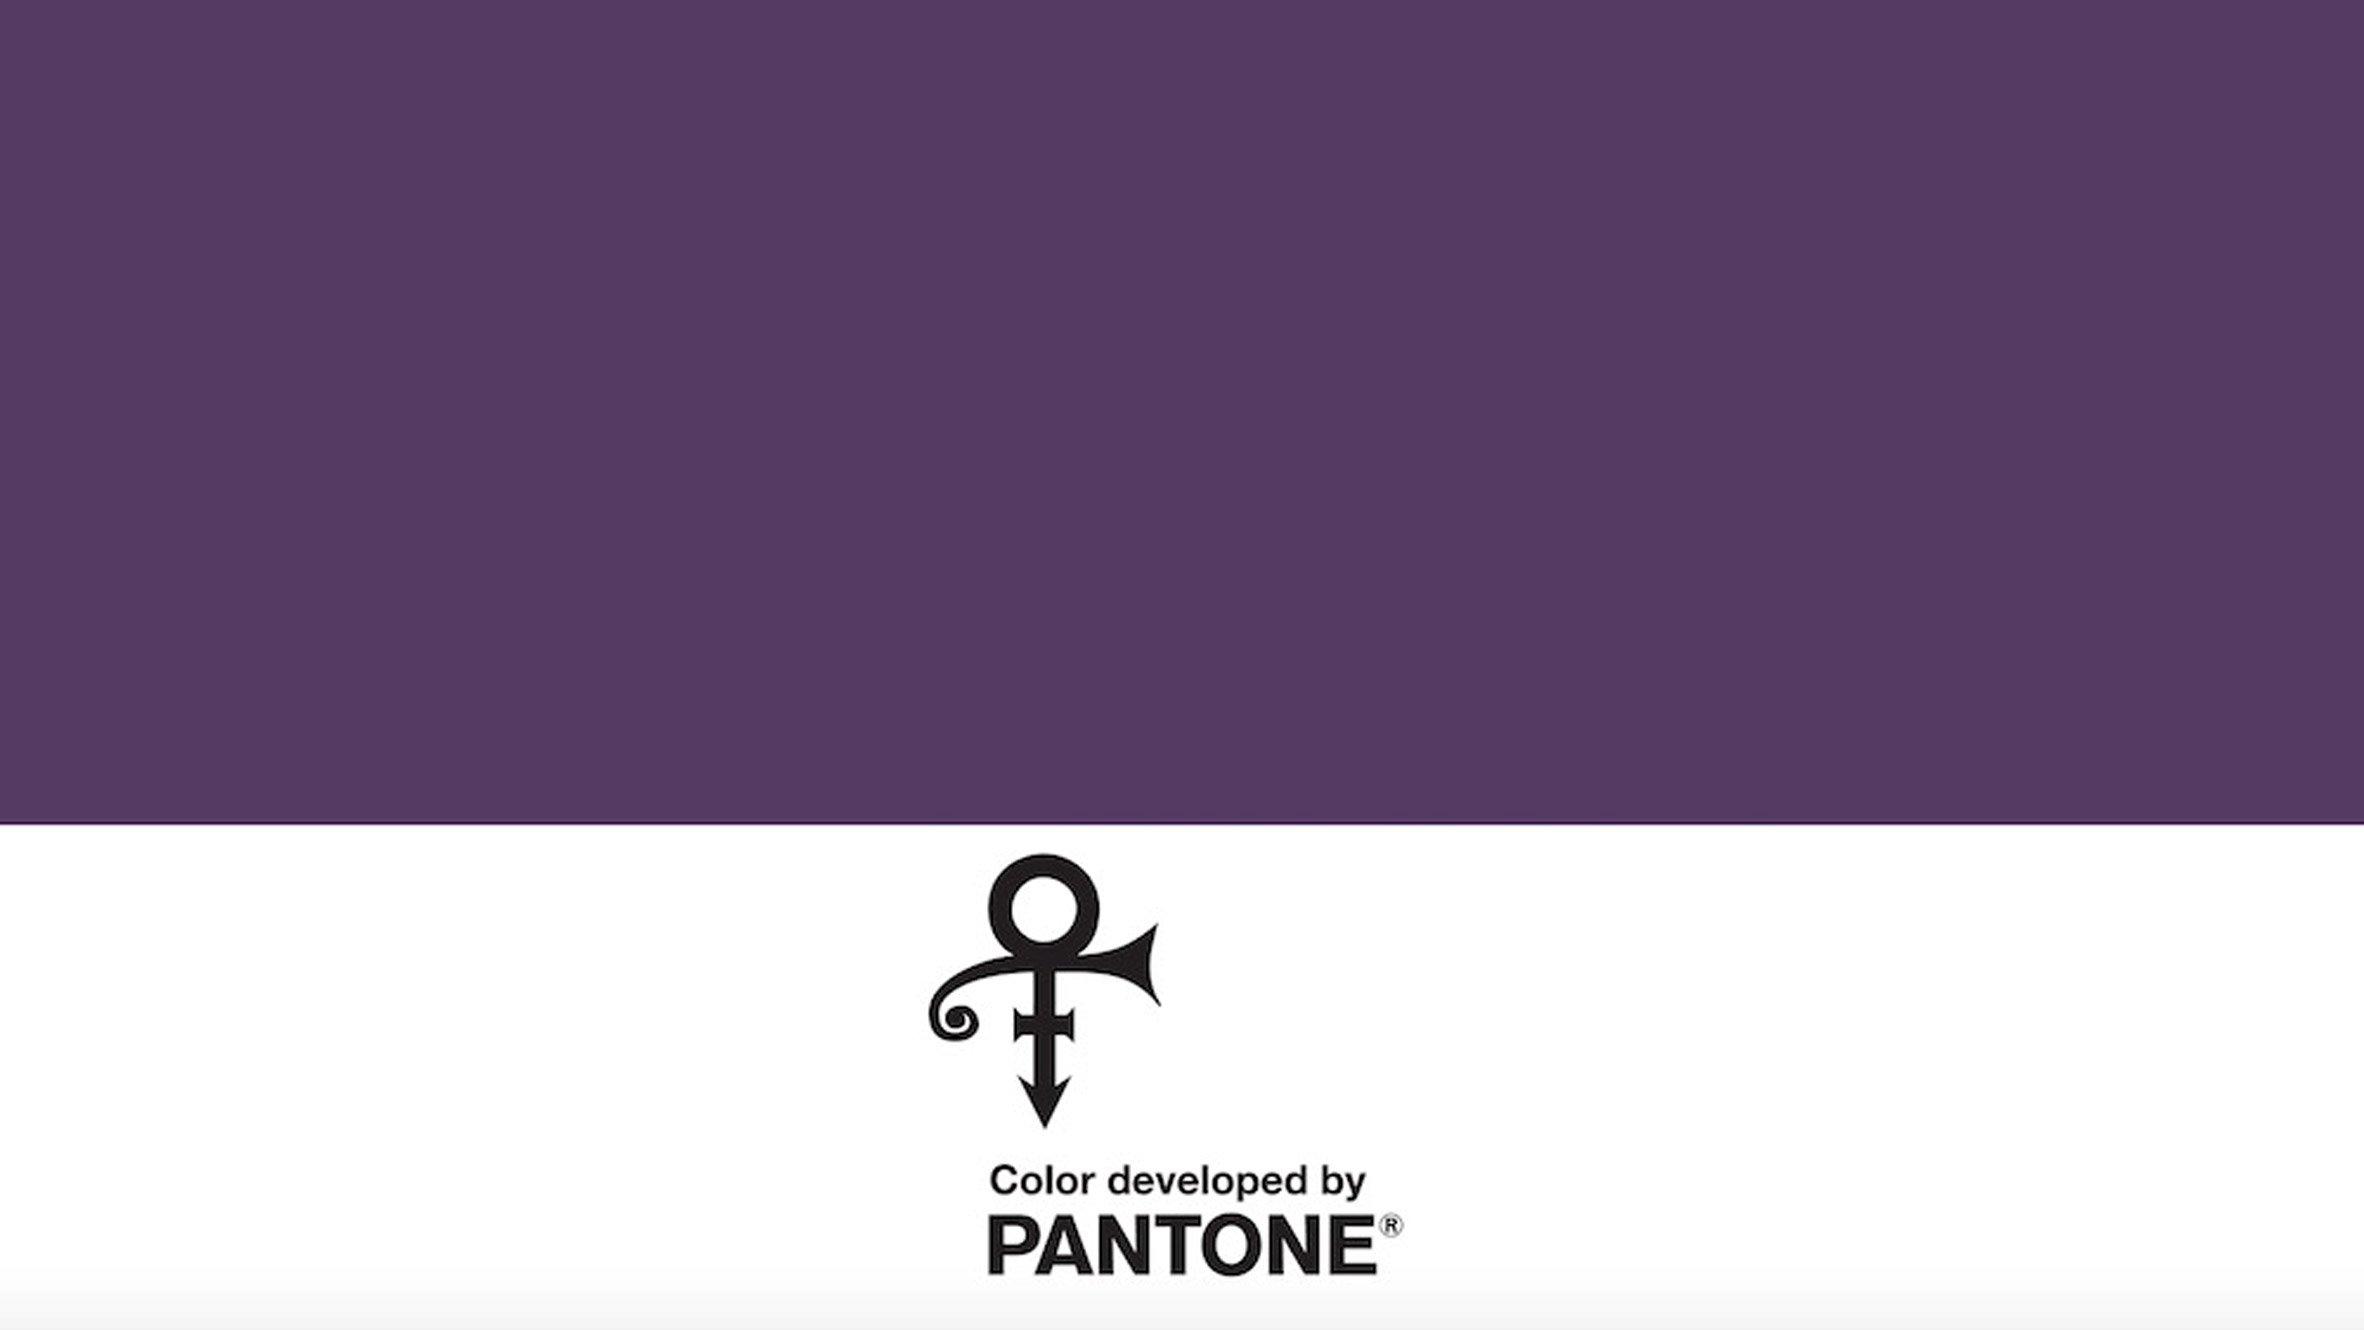 Purple Für Prince Pantone Launched Den Farbton Love Symbol 2